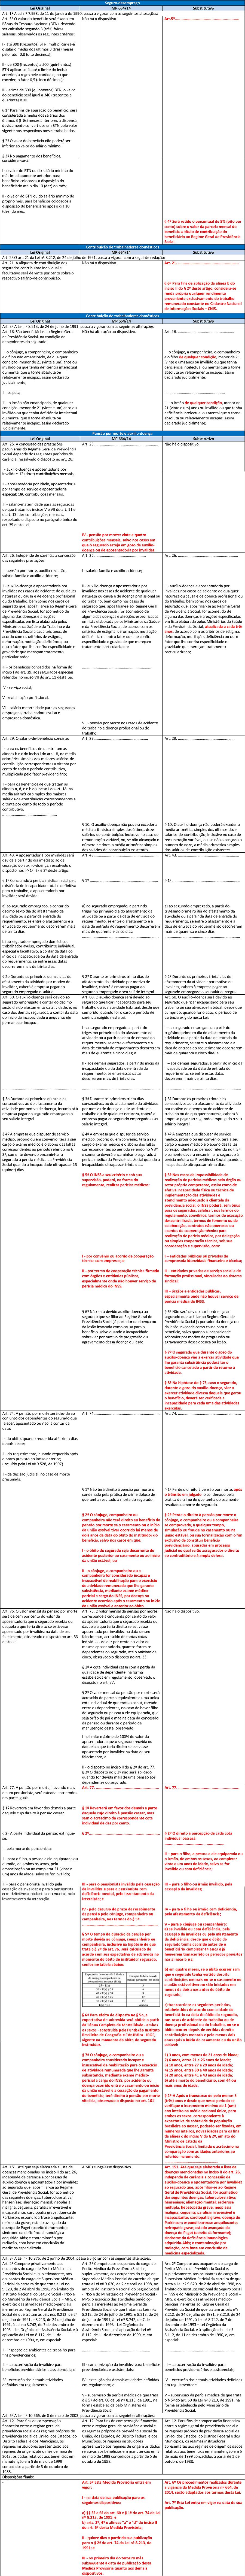 Quadro comparativo - MP 664 e Parecer_Página_012